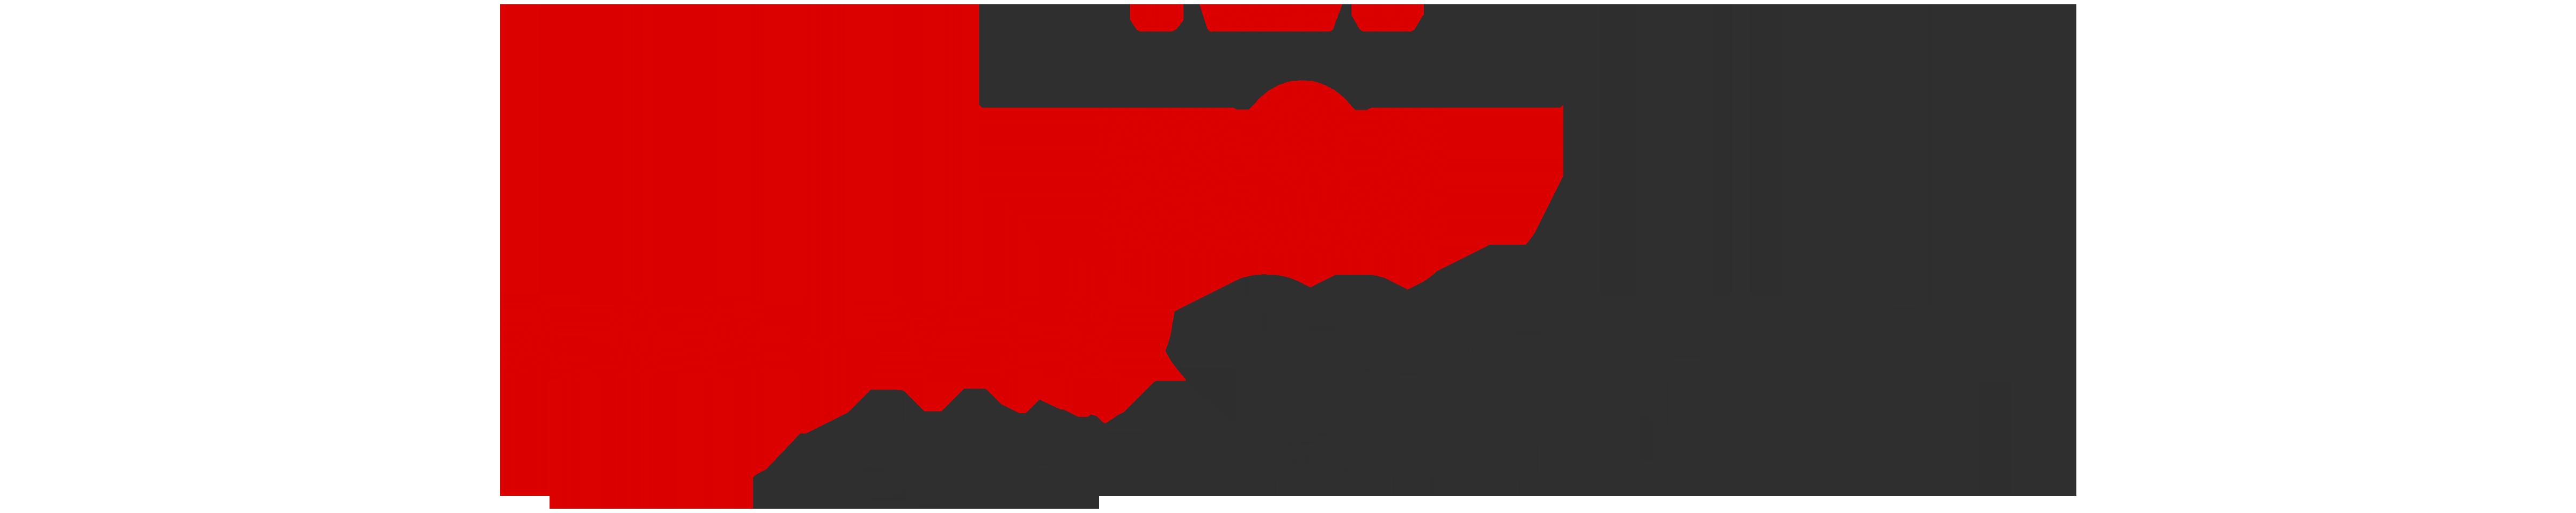 Ash-Vir Creations